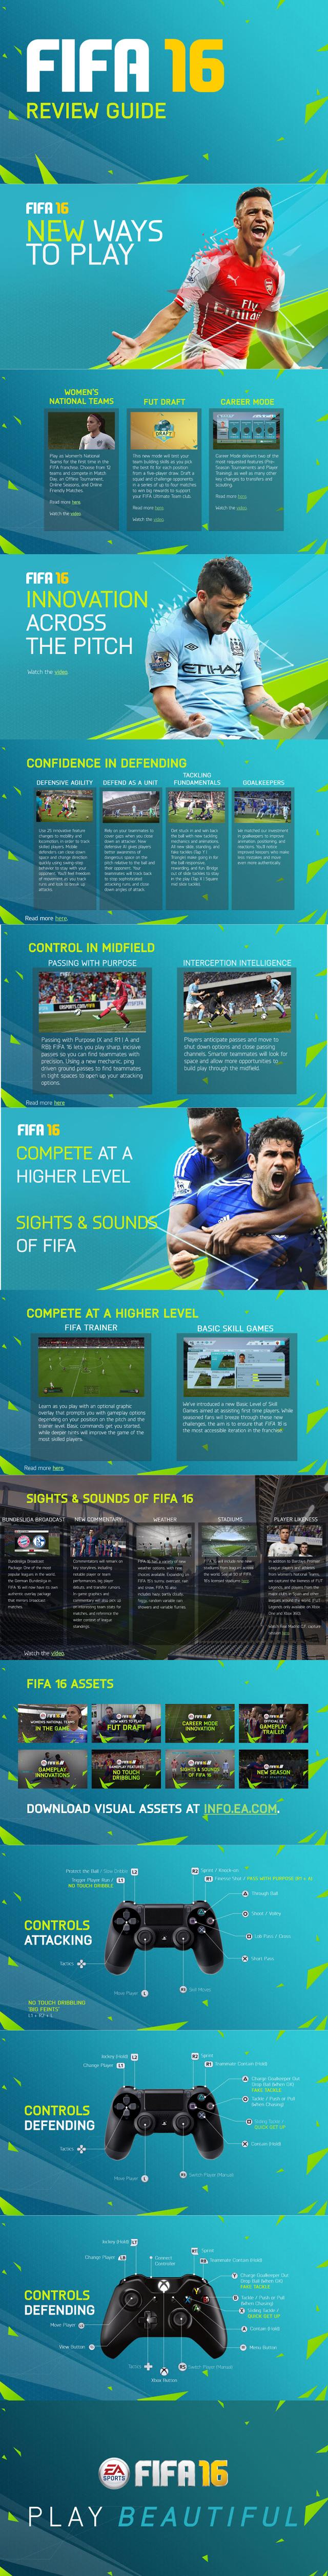 Fifa 16 controls